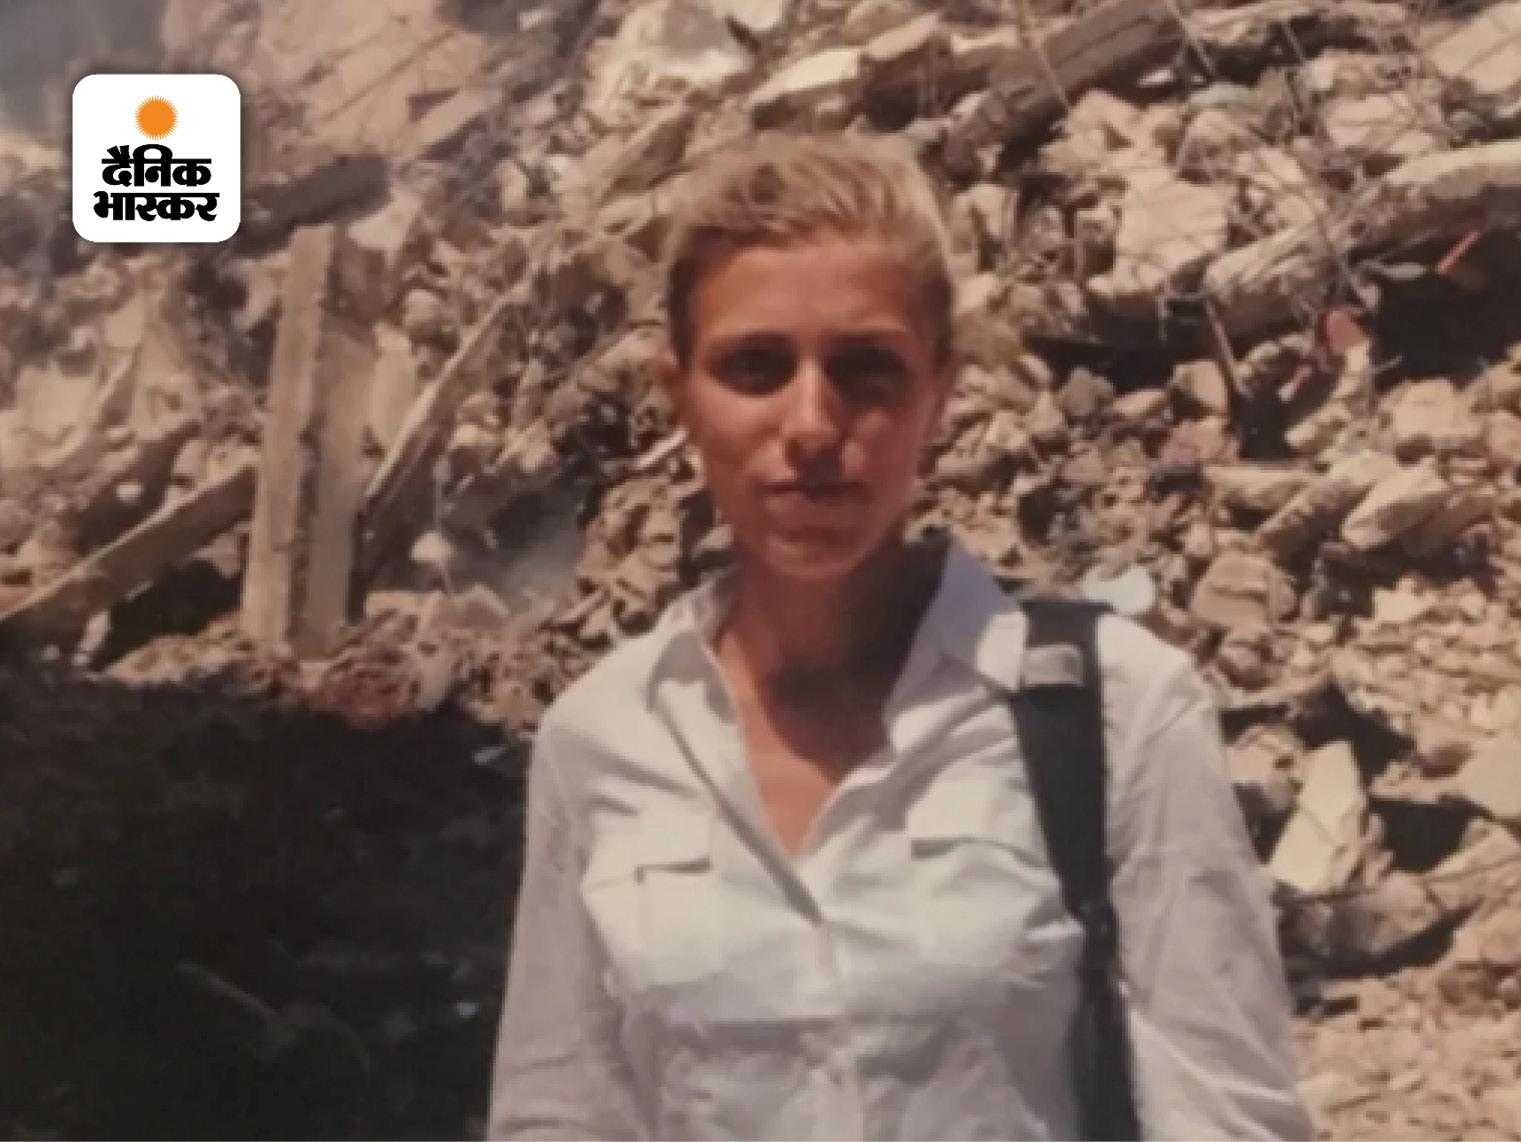 तस्वीर 2006 में बेरूत में ली गई थी, तब क्लैरिसा लेबनान वॉर को कवर कर रही थीं।